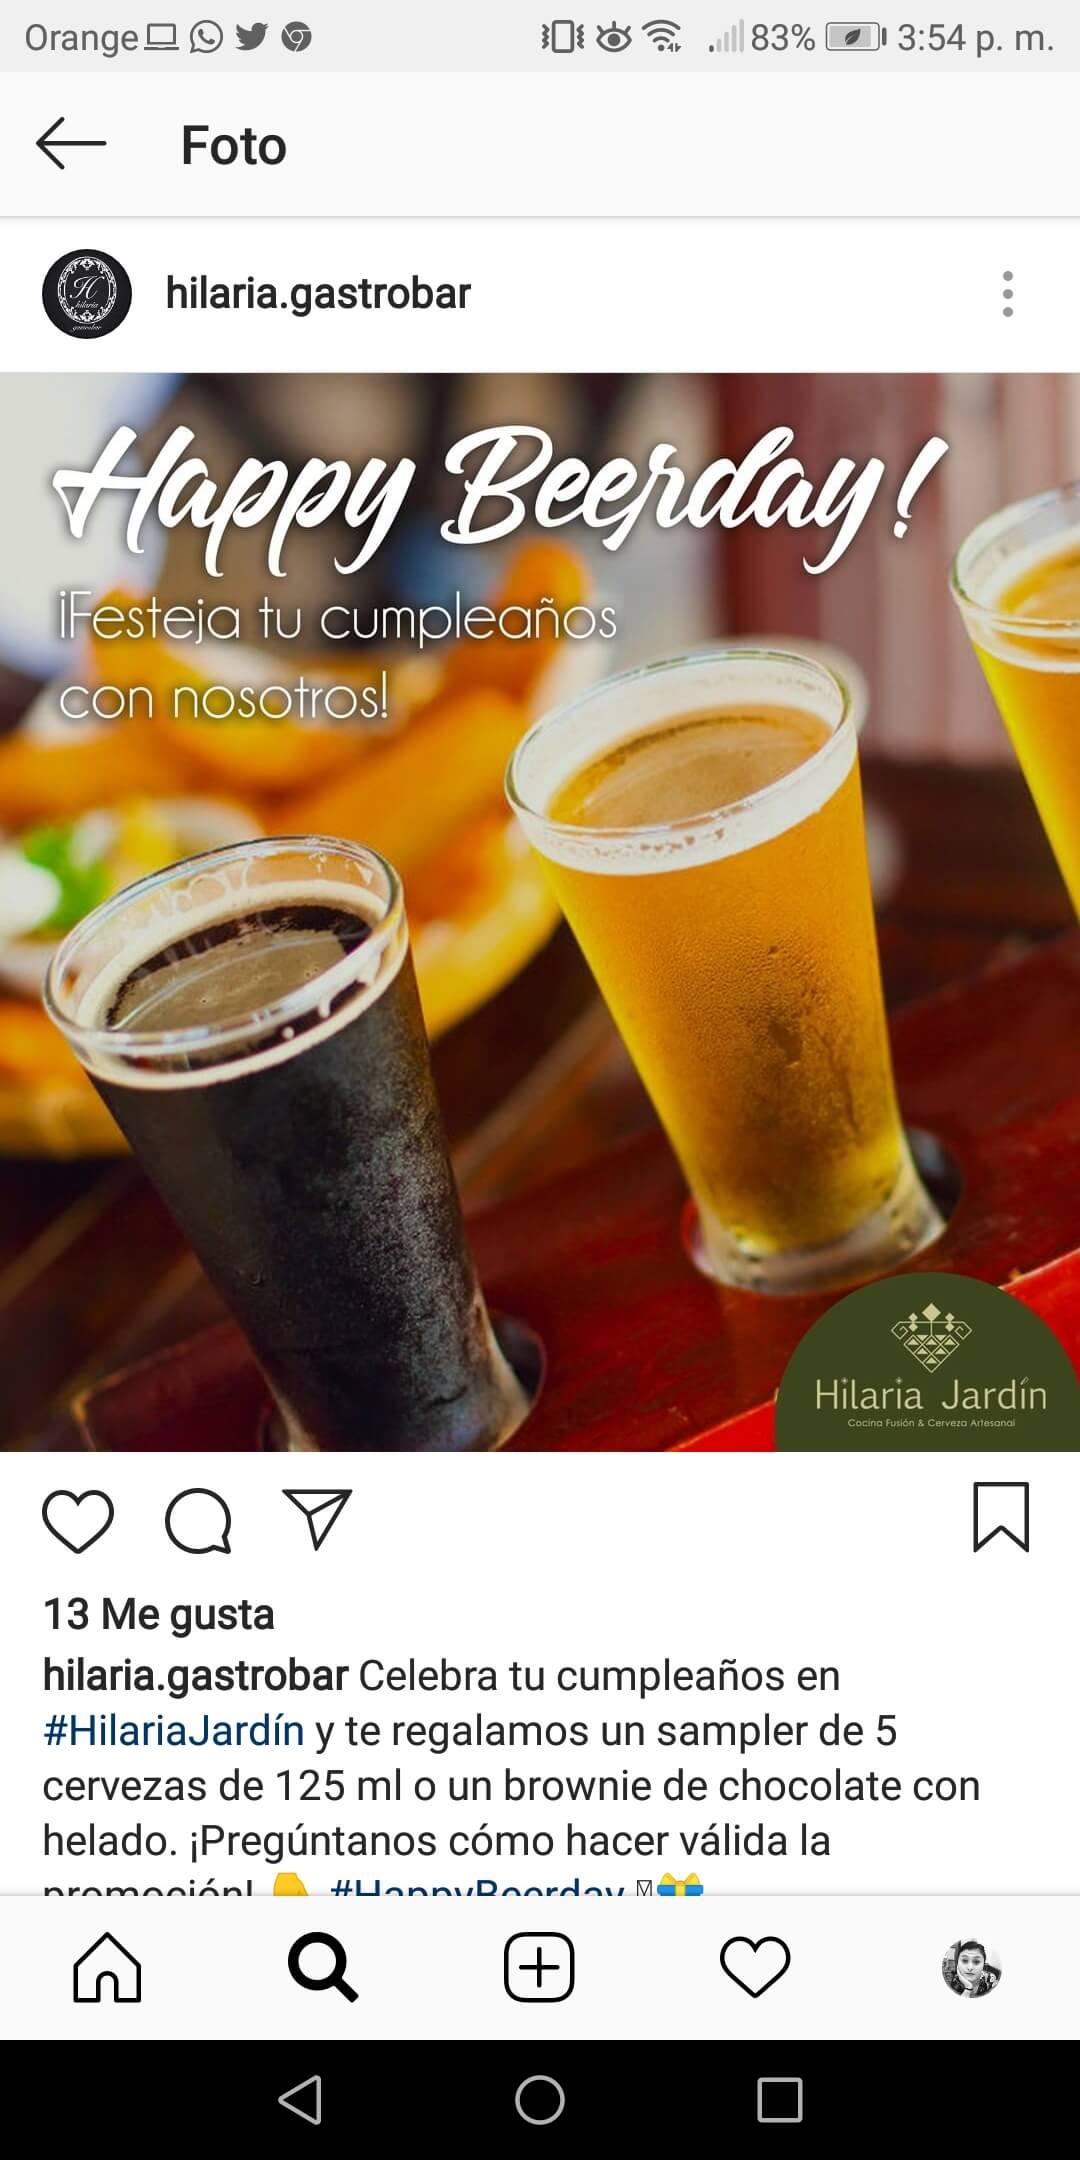 Instagram para empresas. Ejemplo 3.